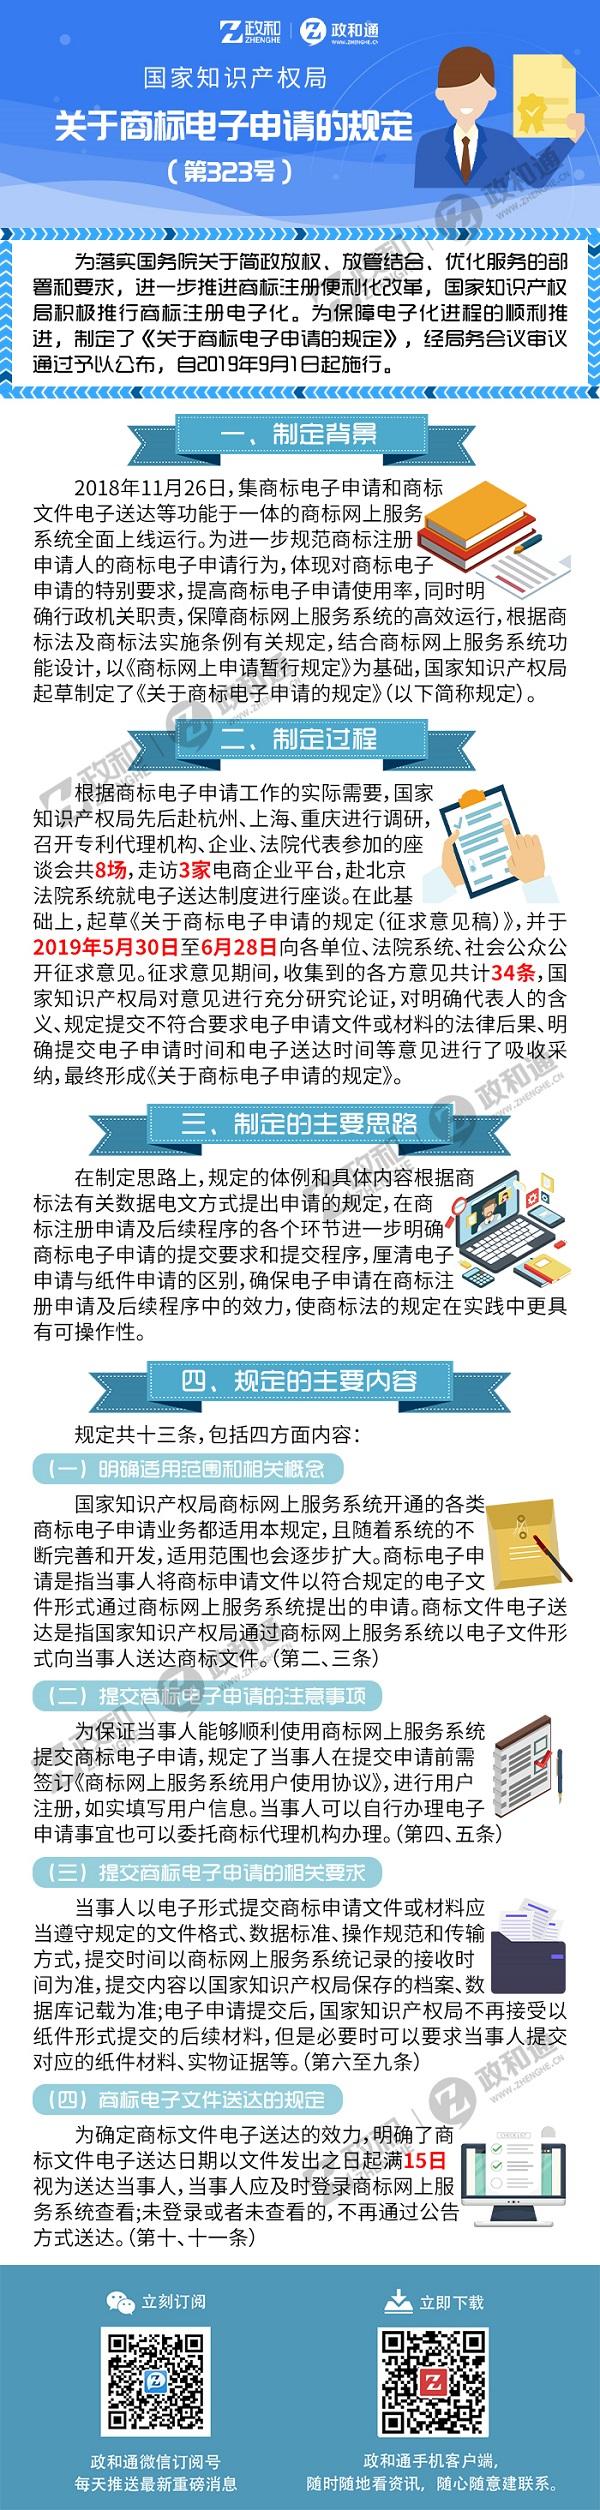 解读-国家知识产权局关于发布《关于商标电子申请的规定》的公告(第323号).jpg